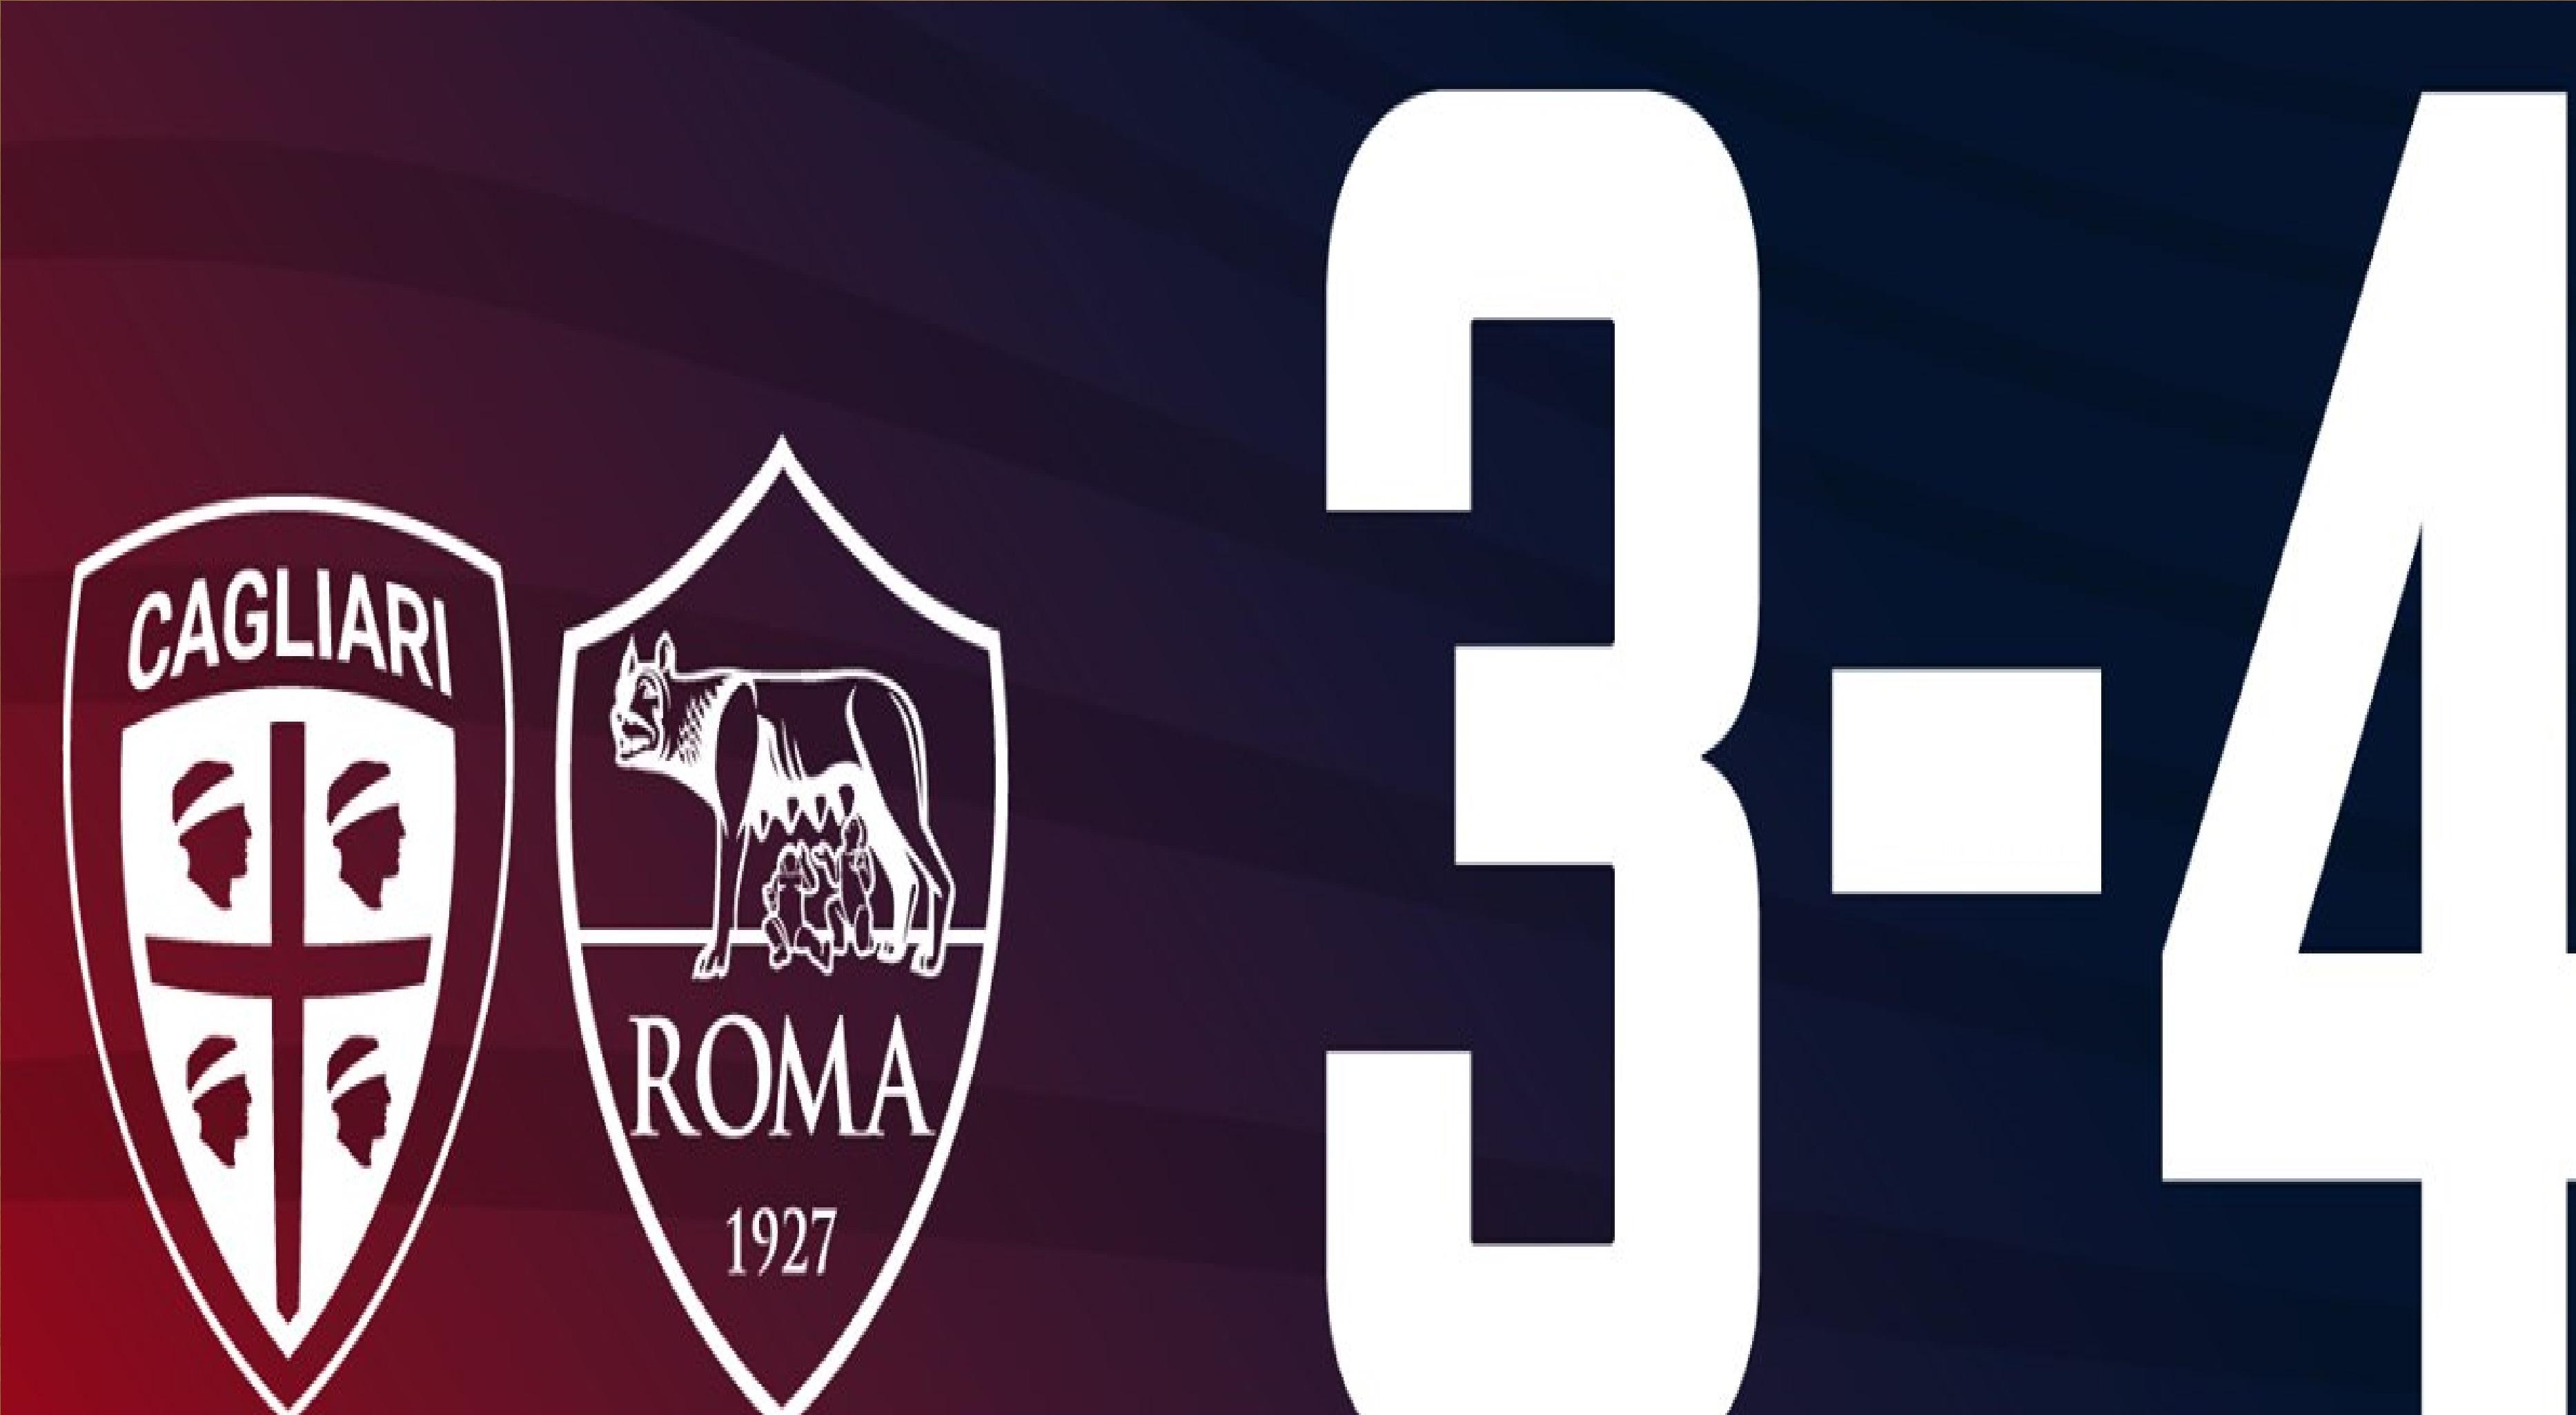 Il Cagliari cade ancora una volta, la Roma passa 4 a 3